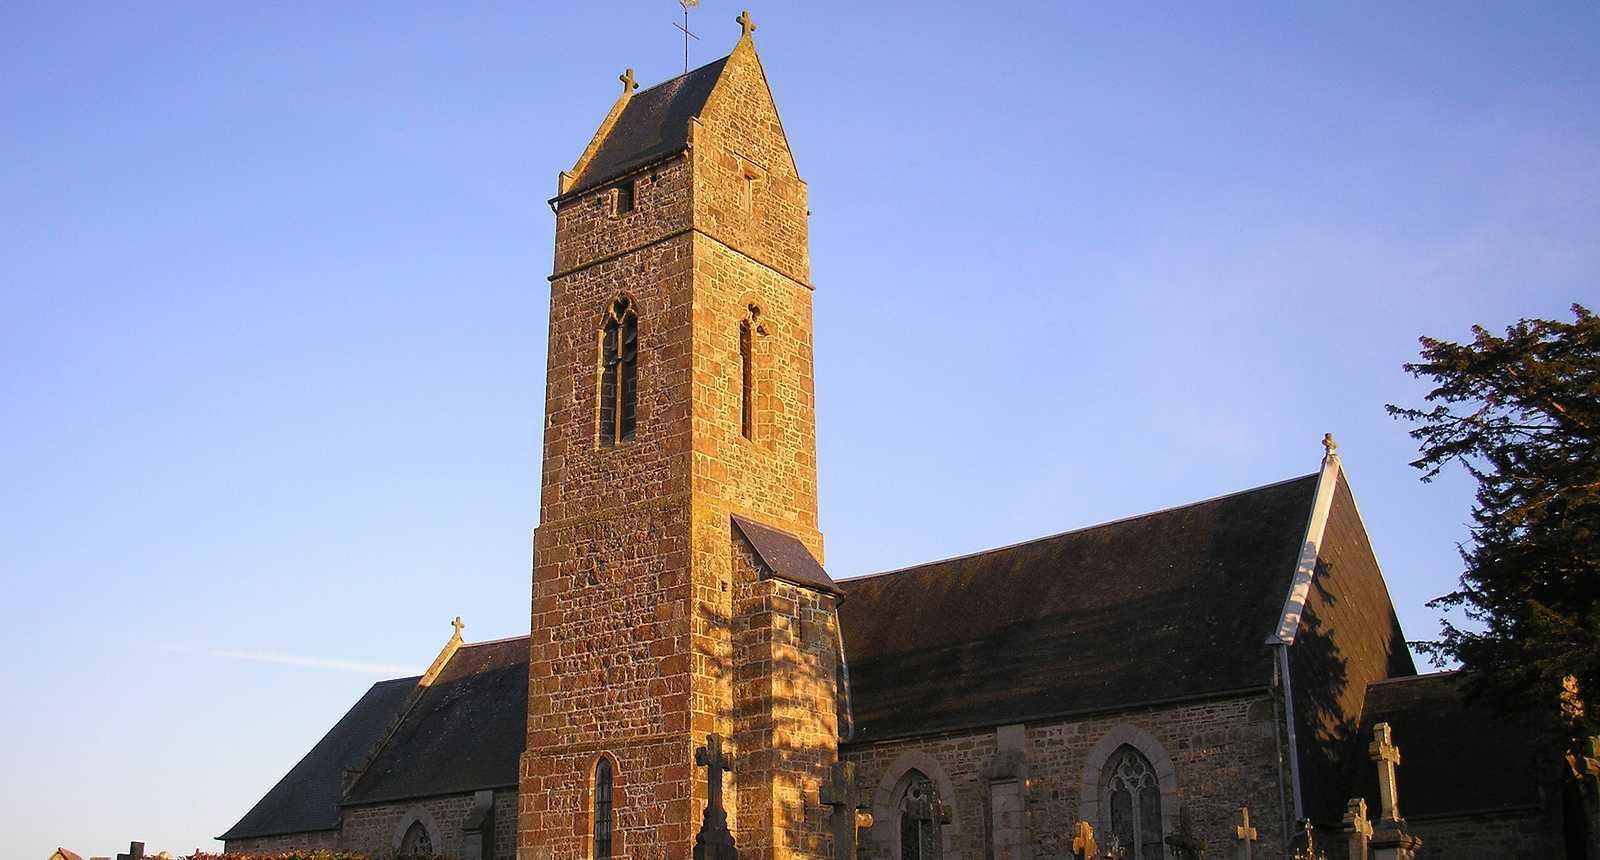 L'église Saint-Martin-de-Tallevende à Vire